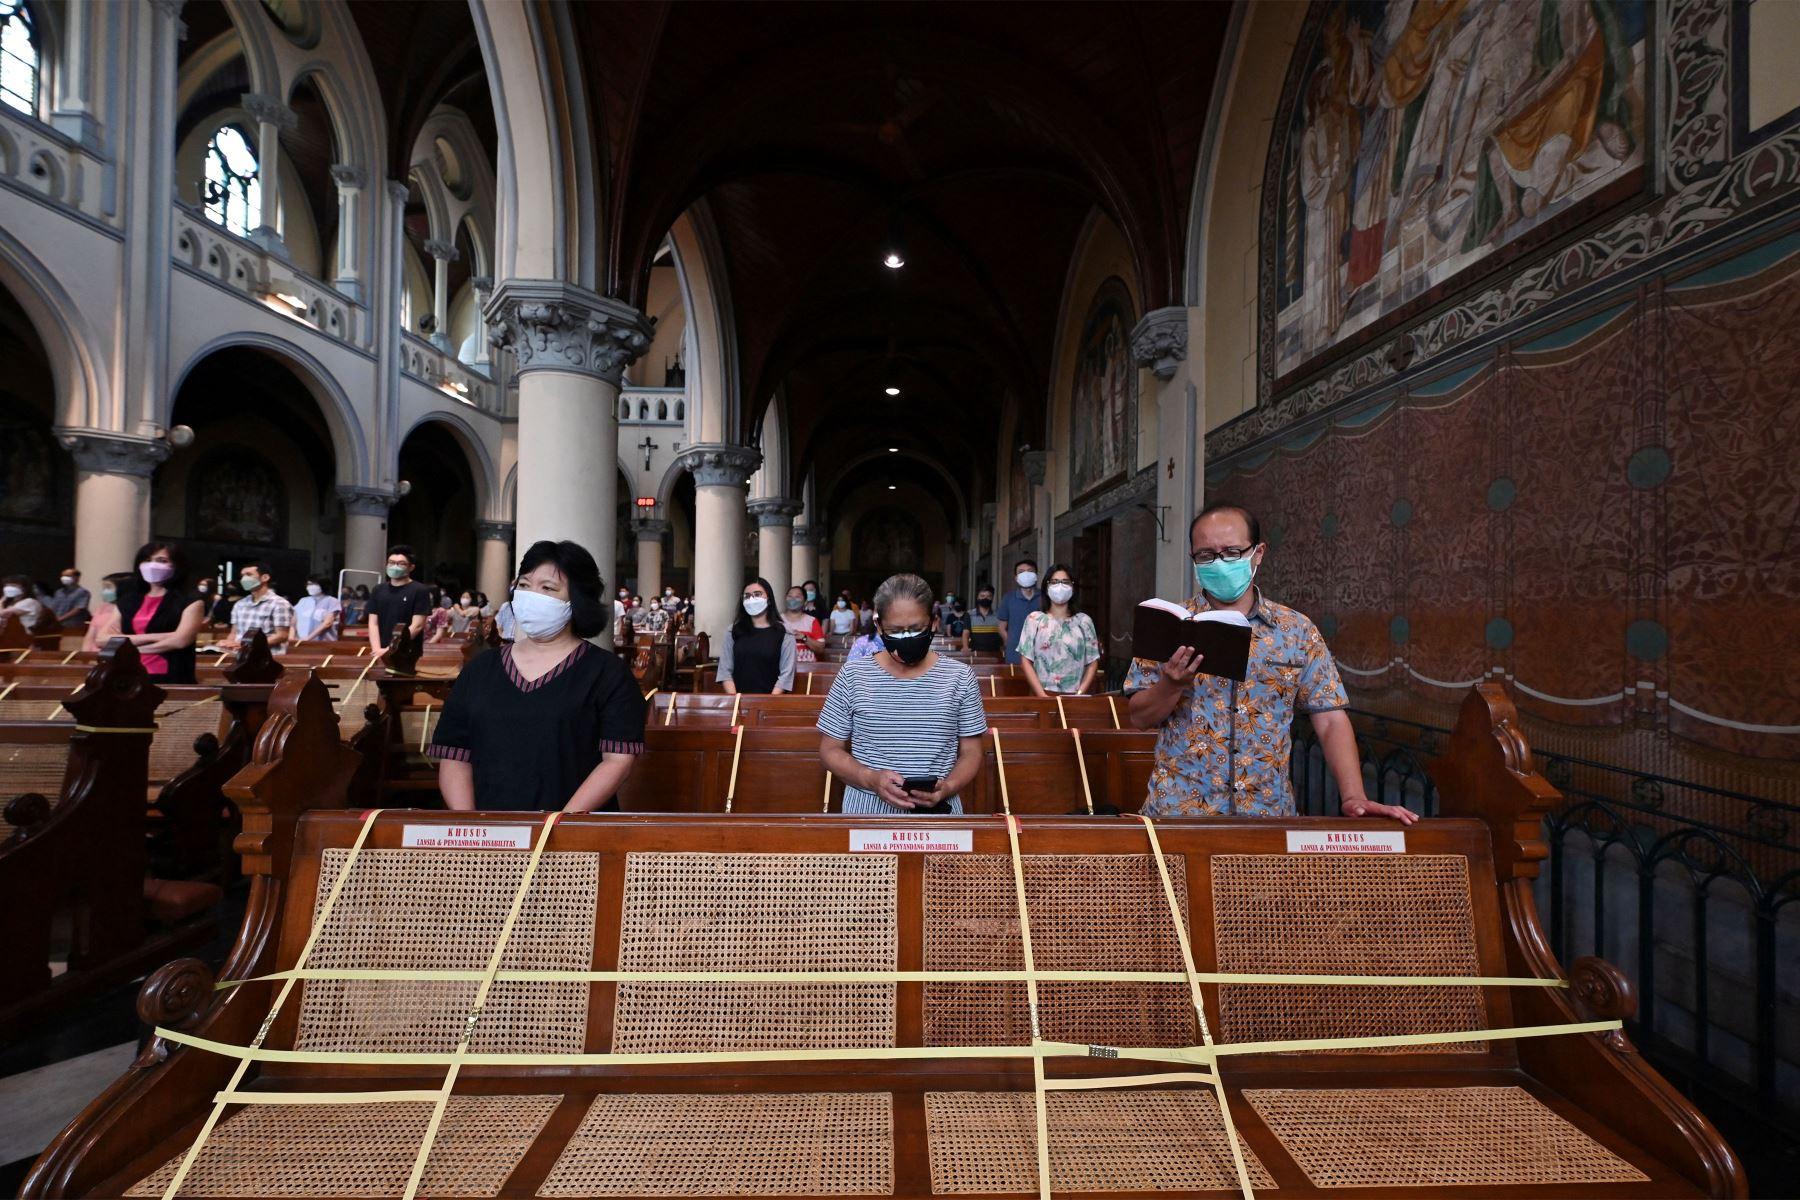 Las personas asisten a las oraciones mientras observan las medidas de prevención contra el coronavirus Covid-19, en una catedral de Yakarta. Foto: AFP